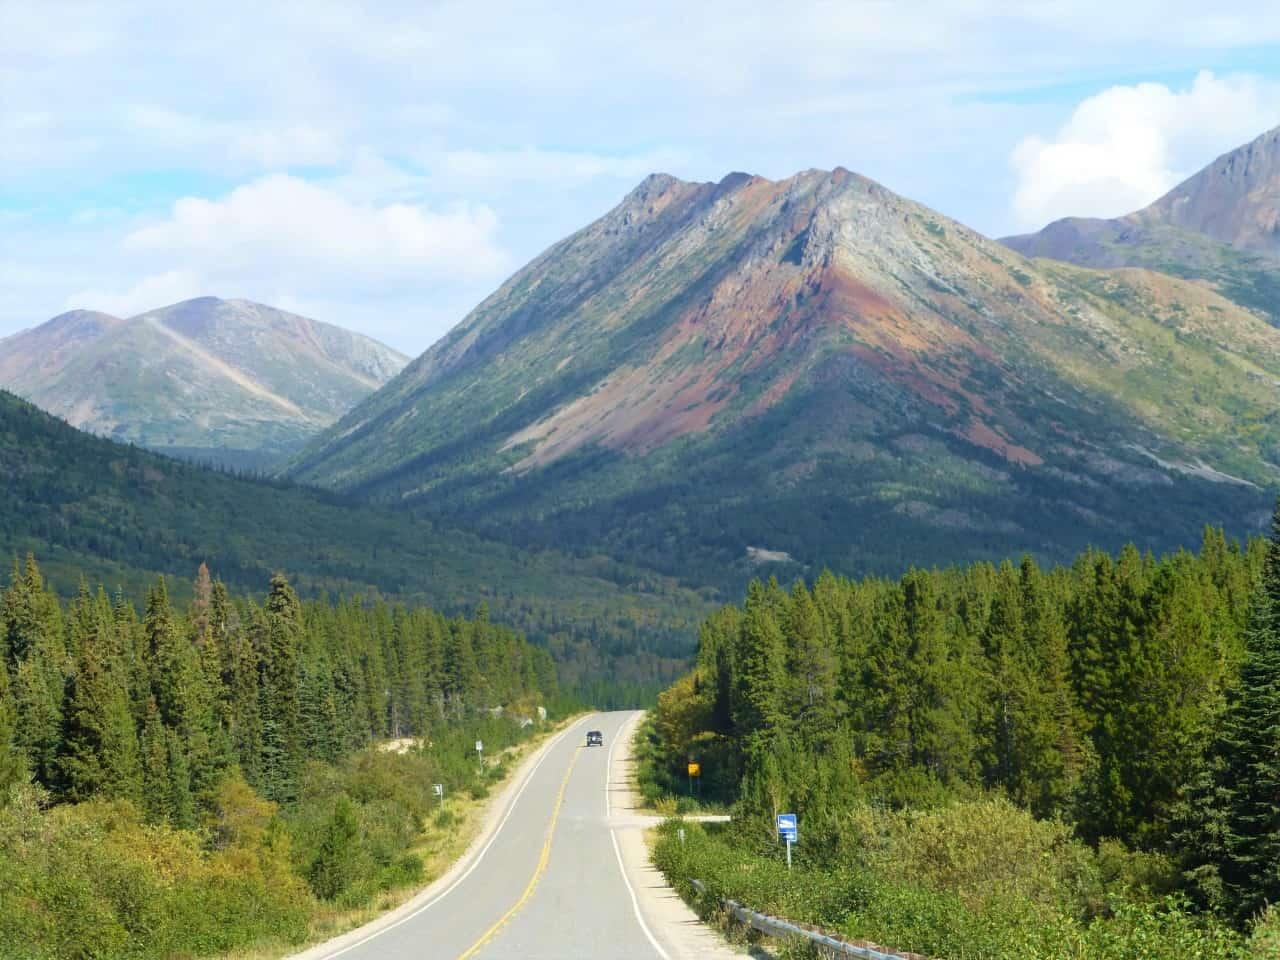 mountains road trip car